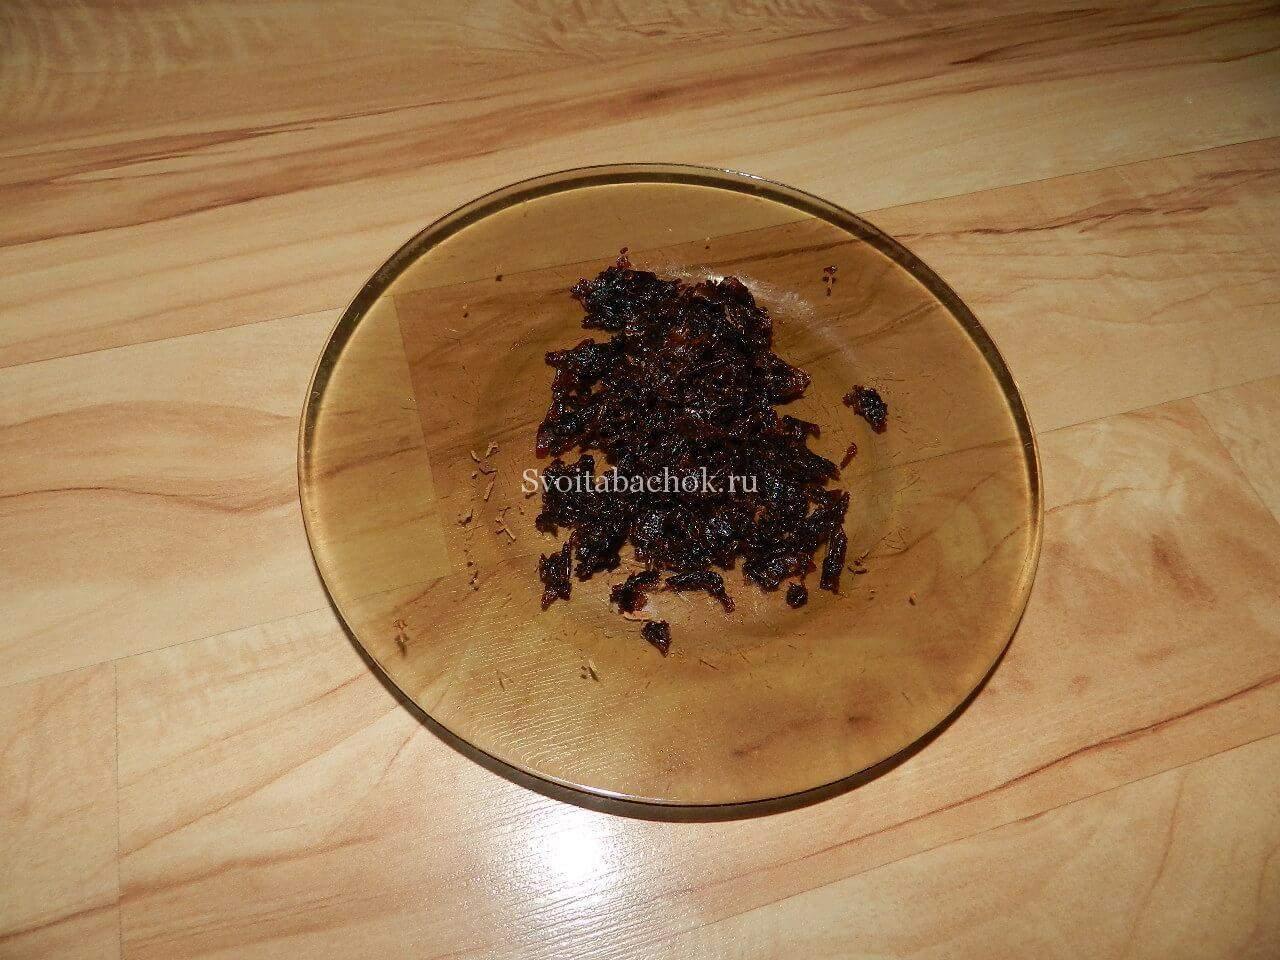 Как сделать табак для кальяна своими руками в домашних